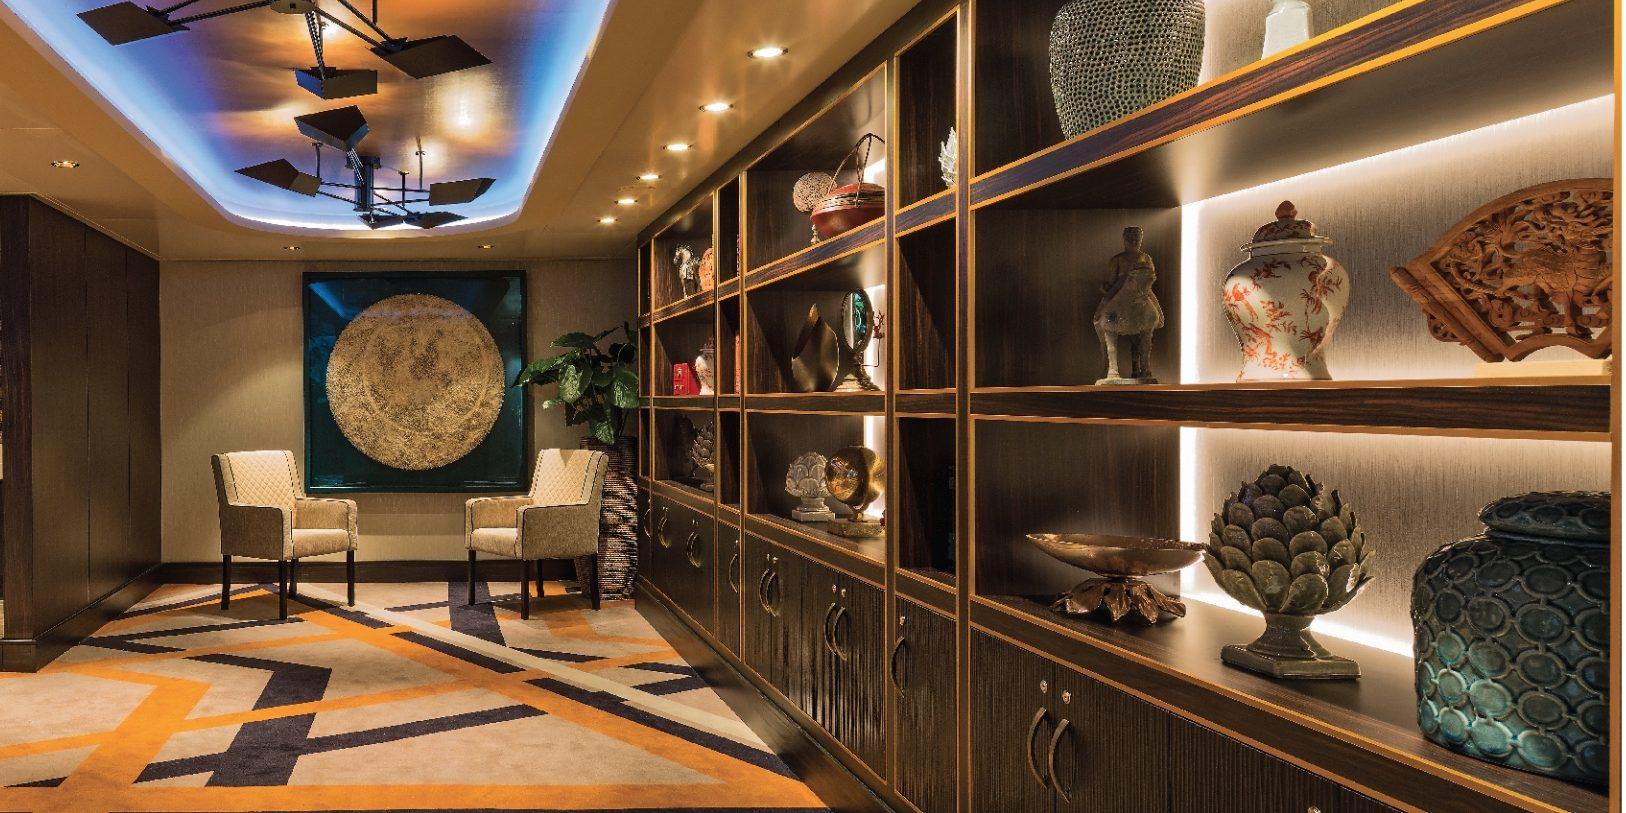 Interior Design for Cruise Ship